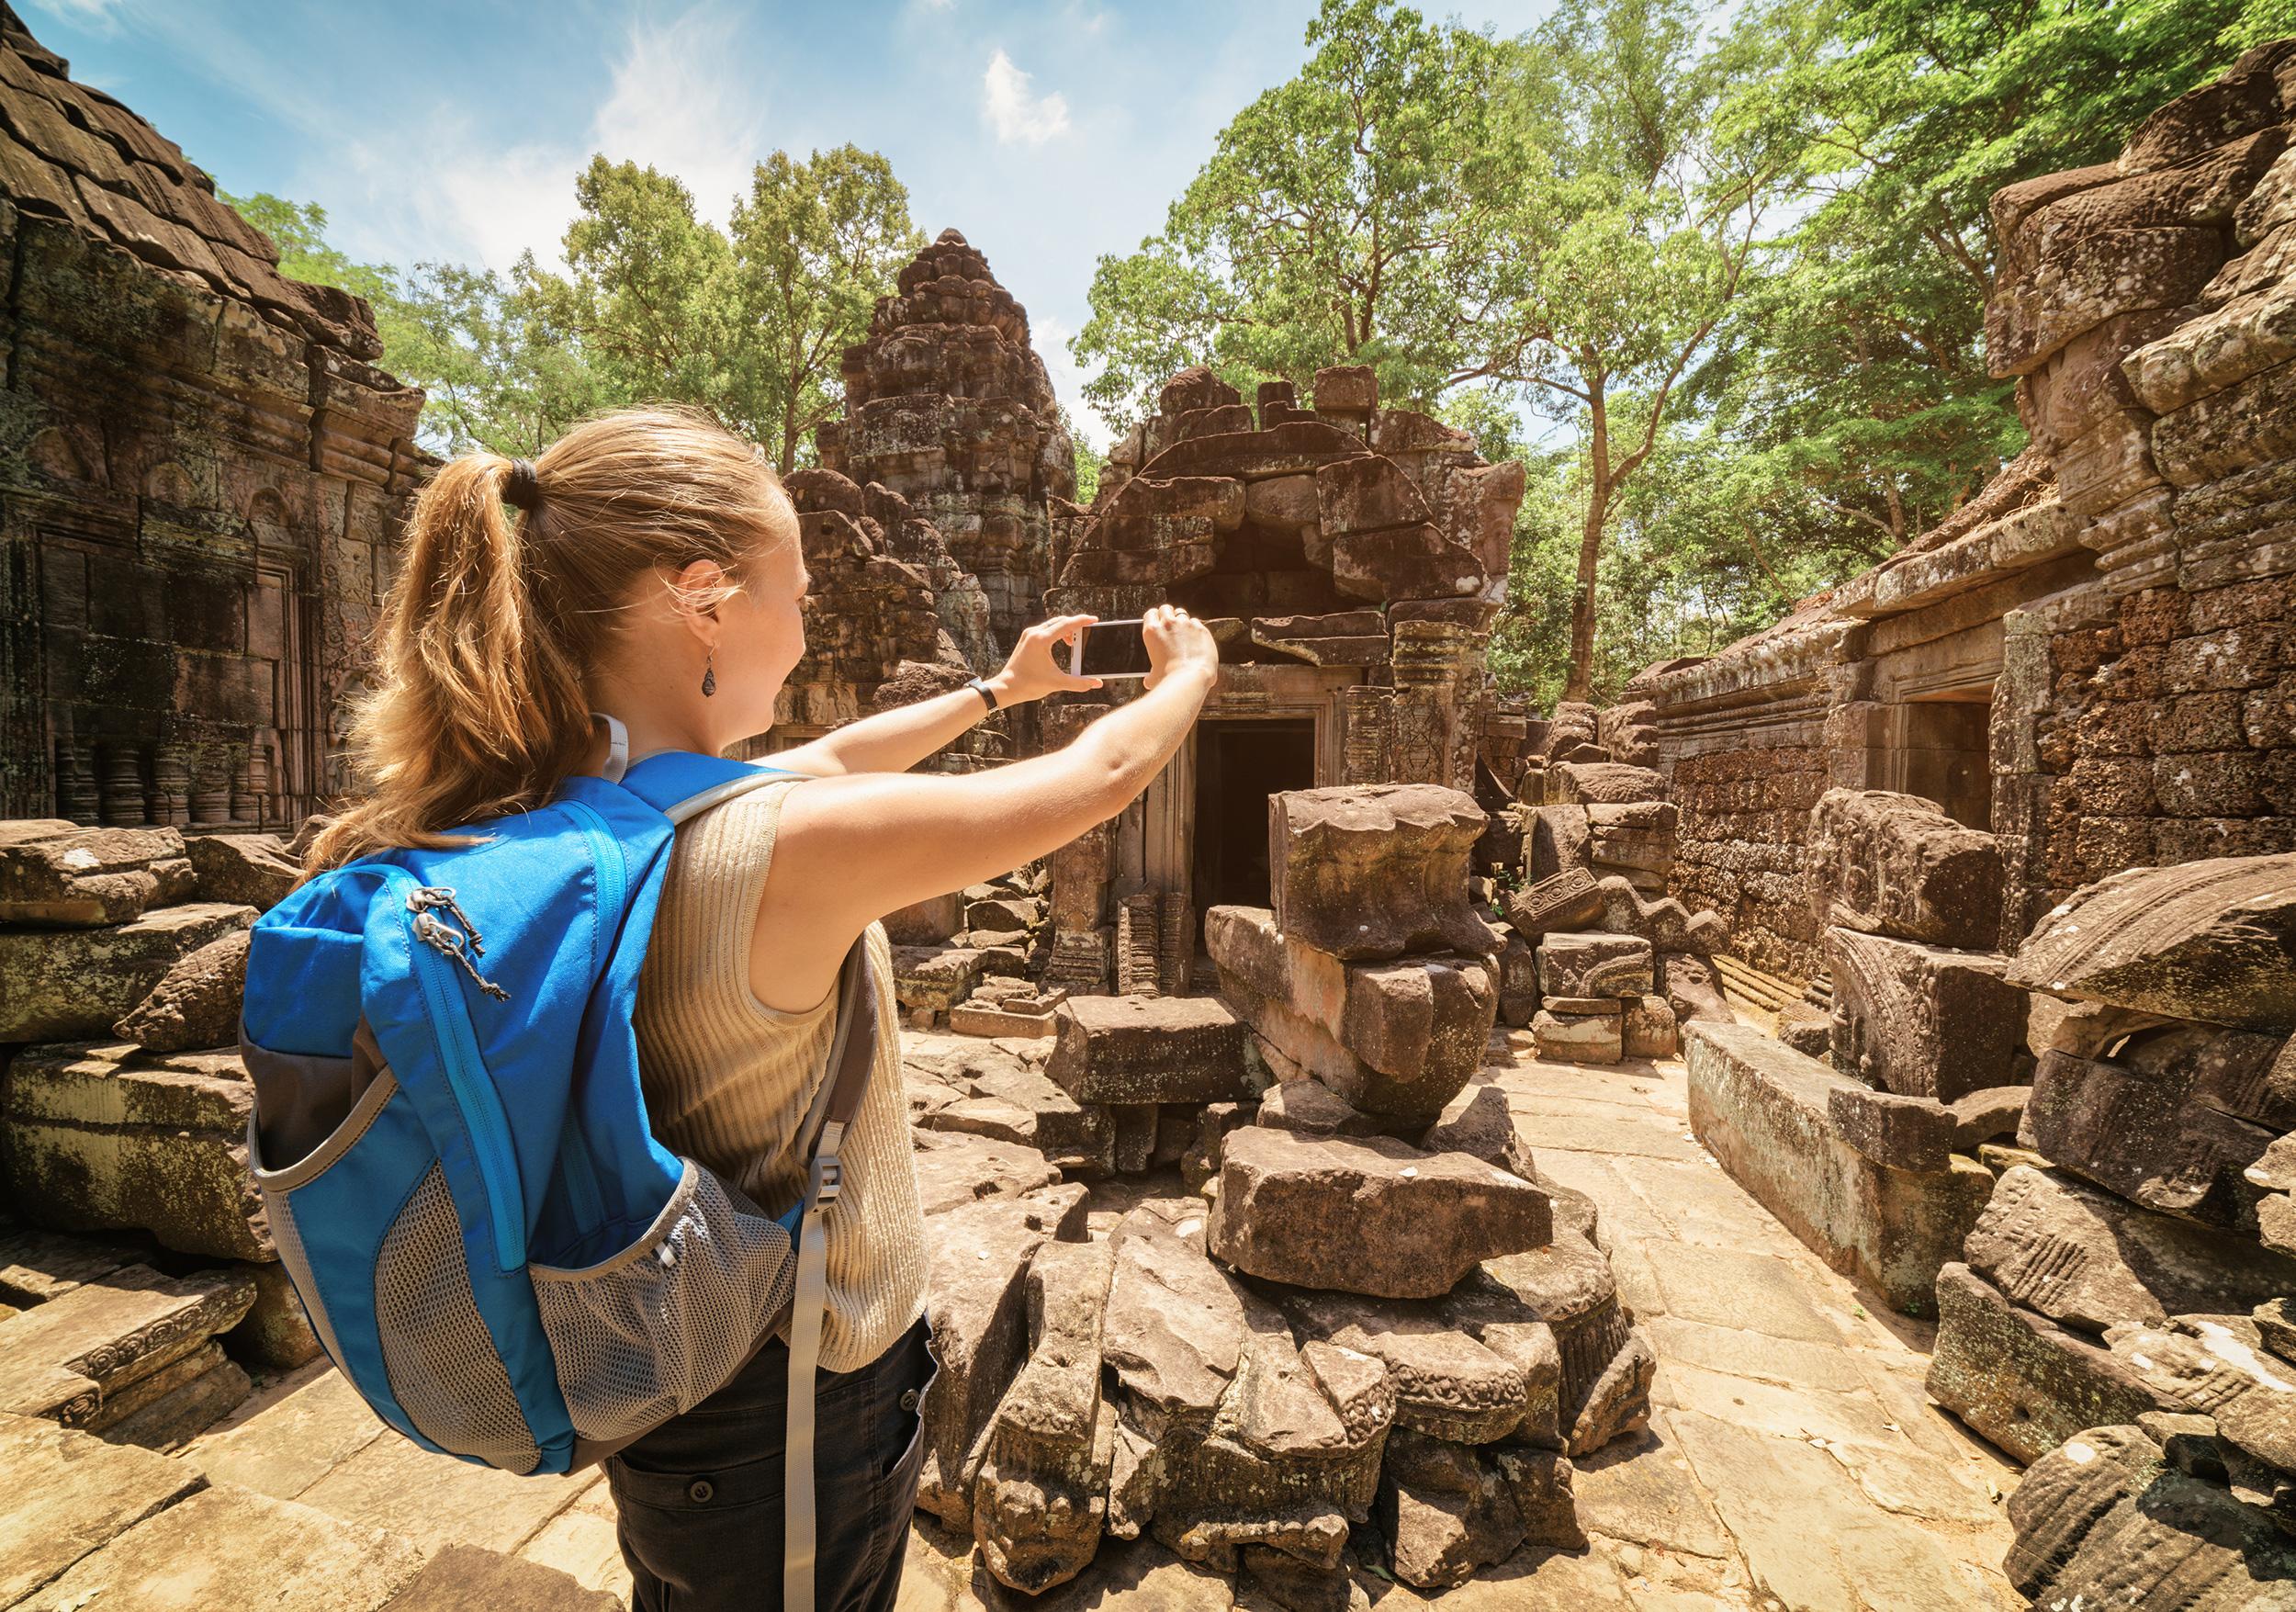 Covid-19 : Cambodge : les Français autorisés à entrer dans le pays - Routard.com